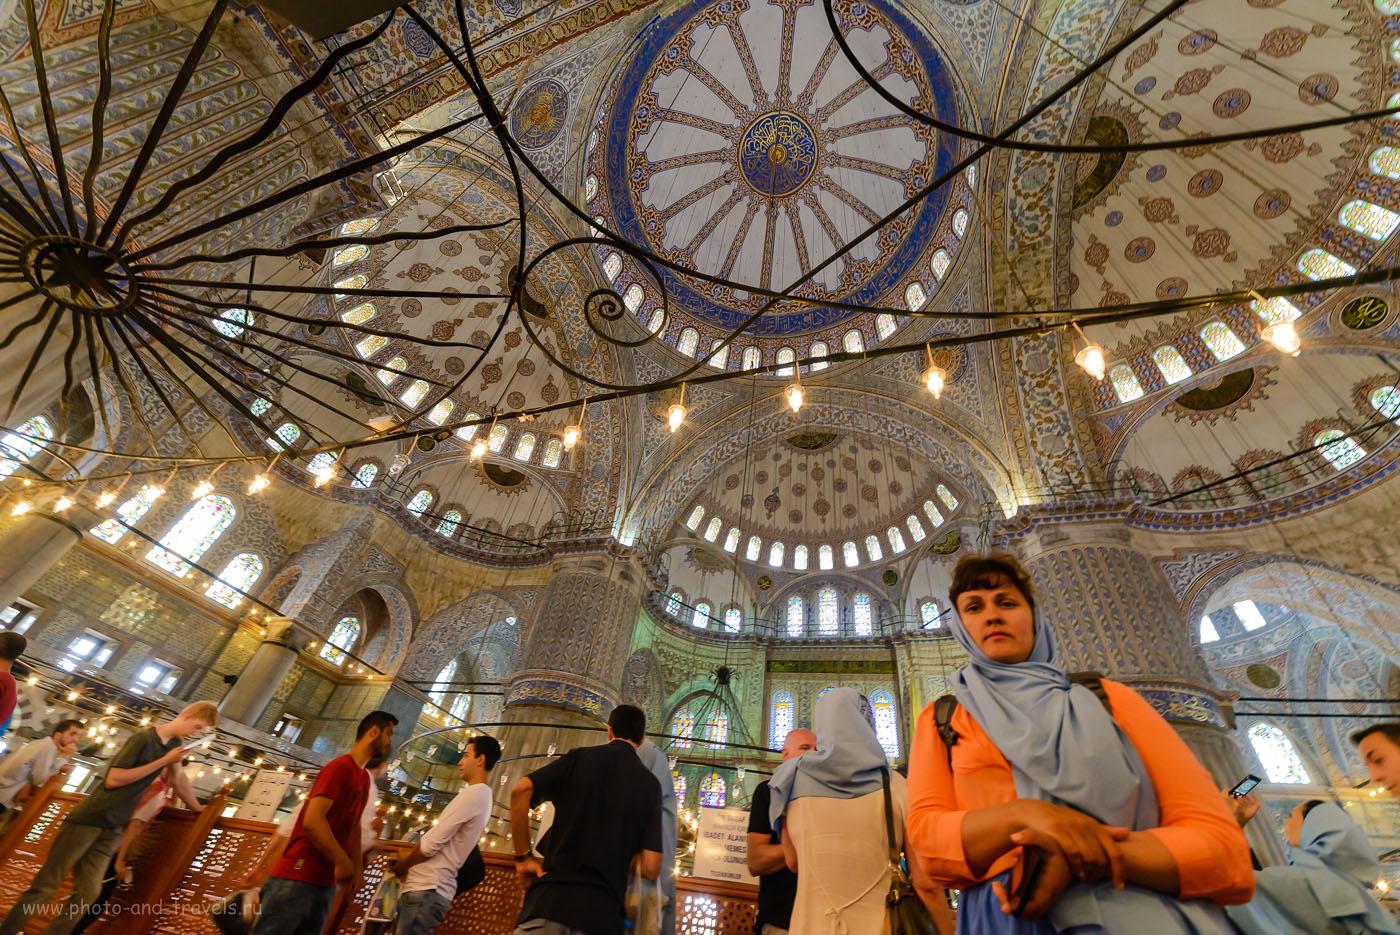 Фото 33. Купола в мечети Султанахмет (Голубая мечеть) в Стамбуле. Отзыв о самостоятельной экскурсии. Поездка в Турцию дикарями. 1/30, +0.67, 8.0, 4000, 14.